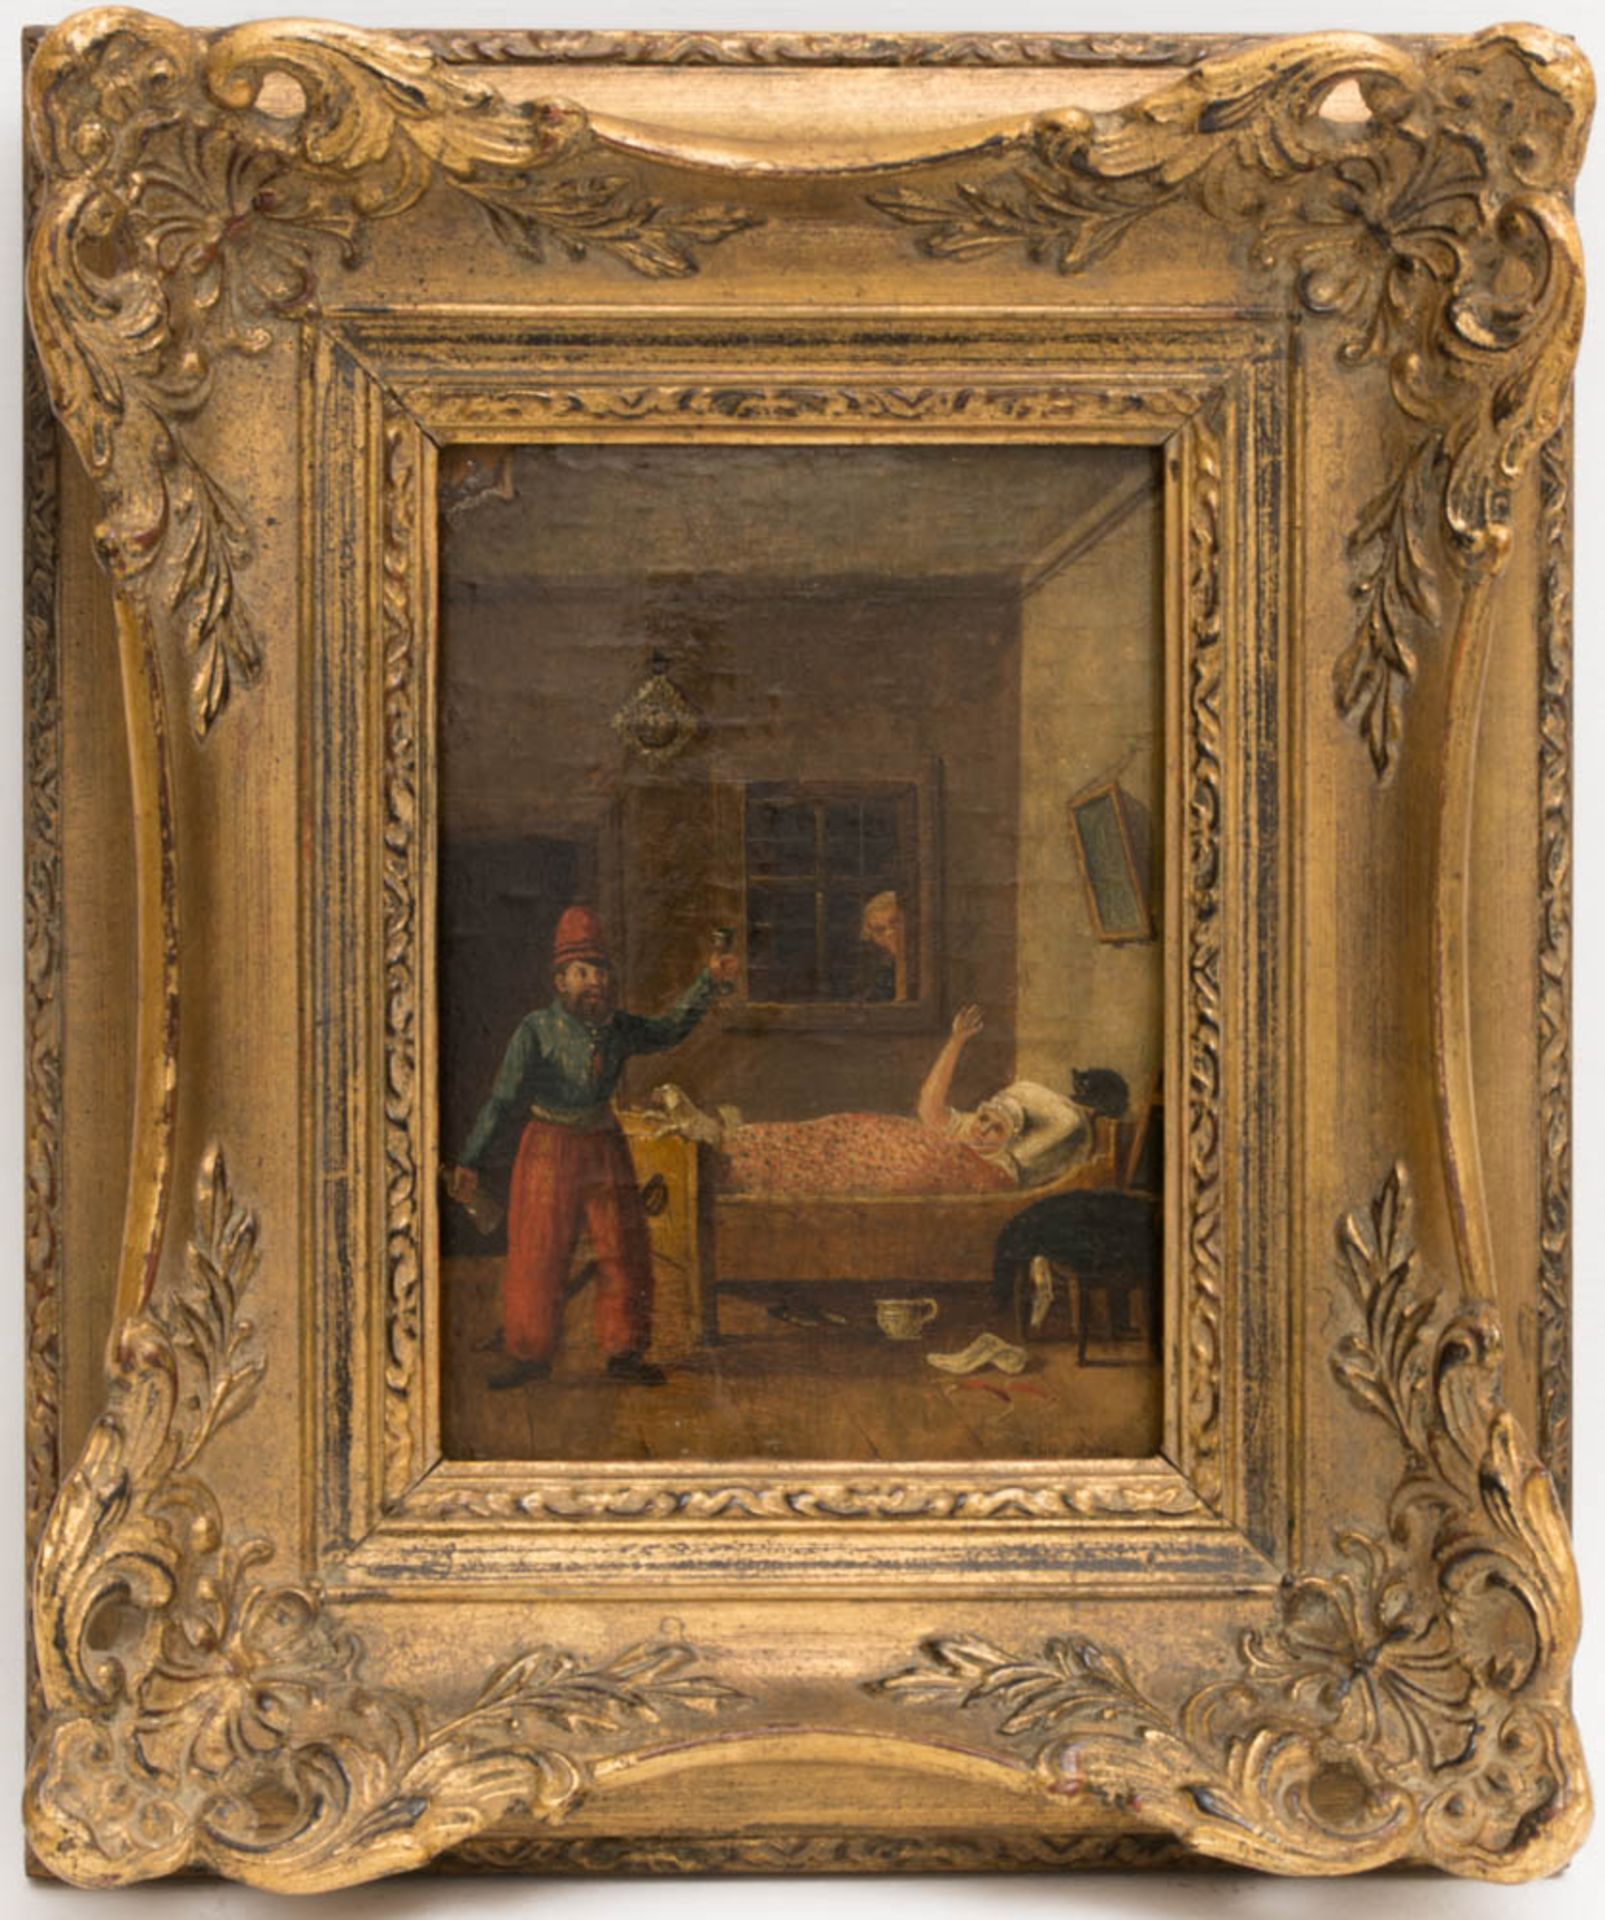 Johann Phillipp Ulbricht, Paar humorvolle Szenen, Öl auf Holz, Mitte 18. Jh. - Bild 2 aus 12